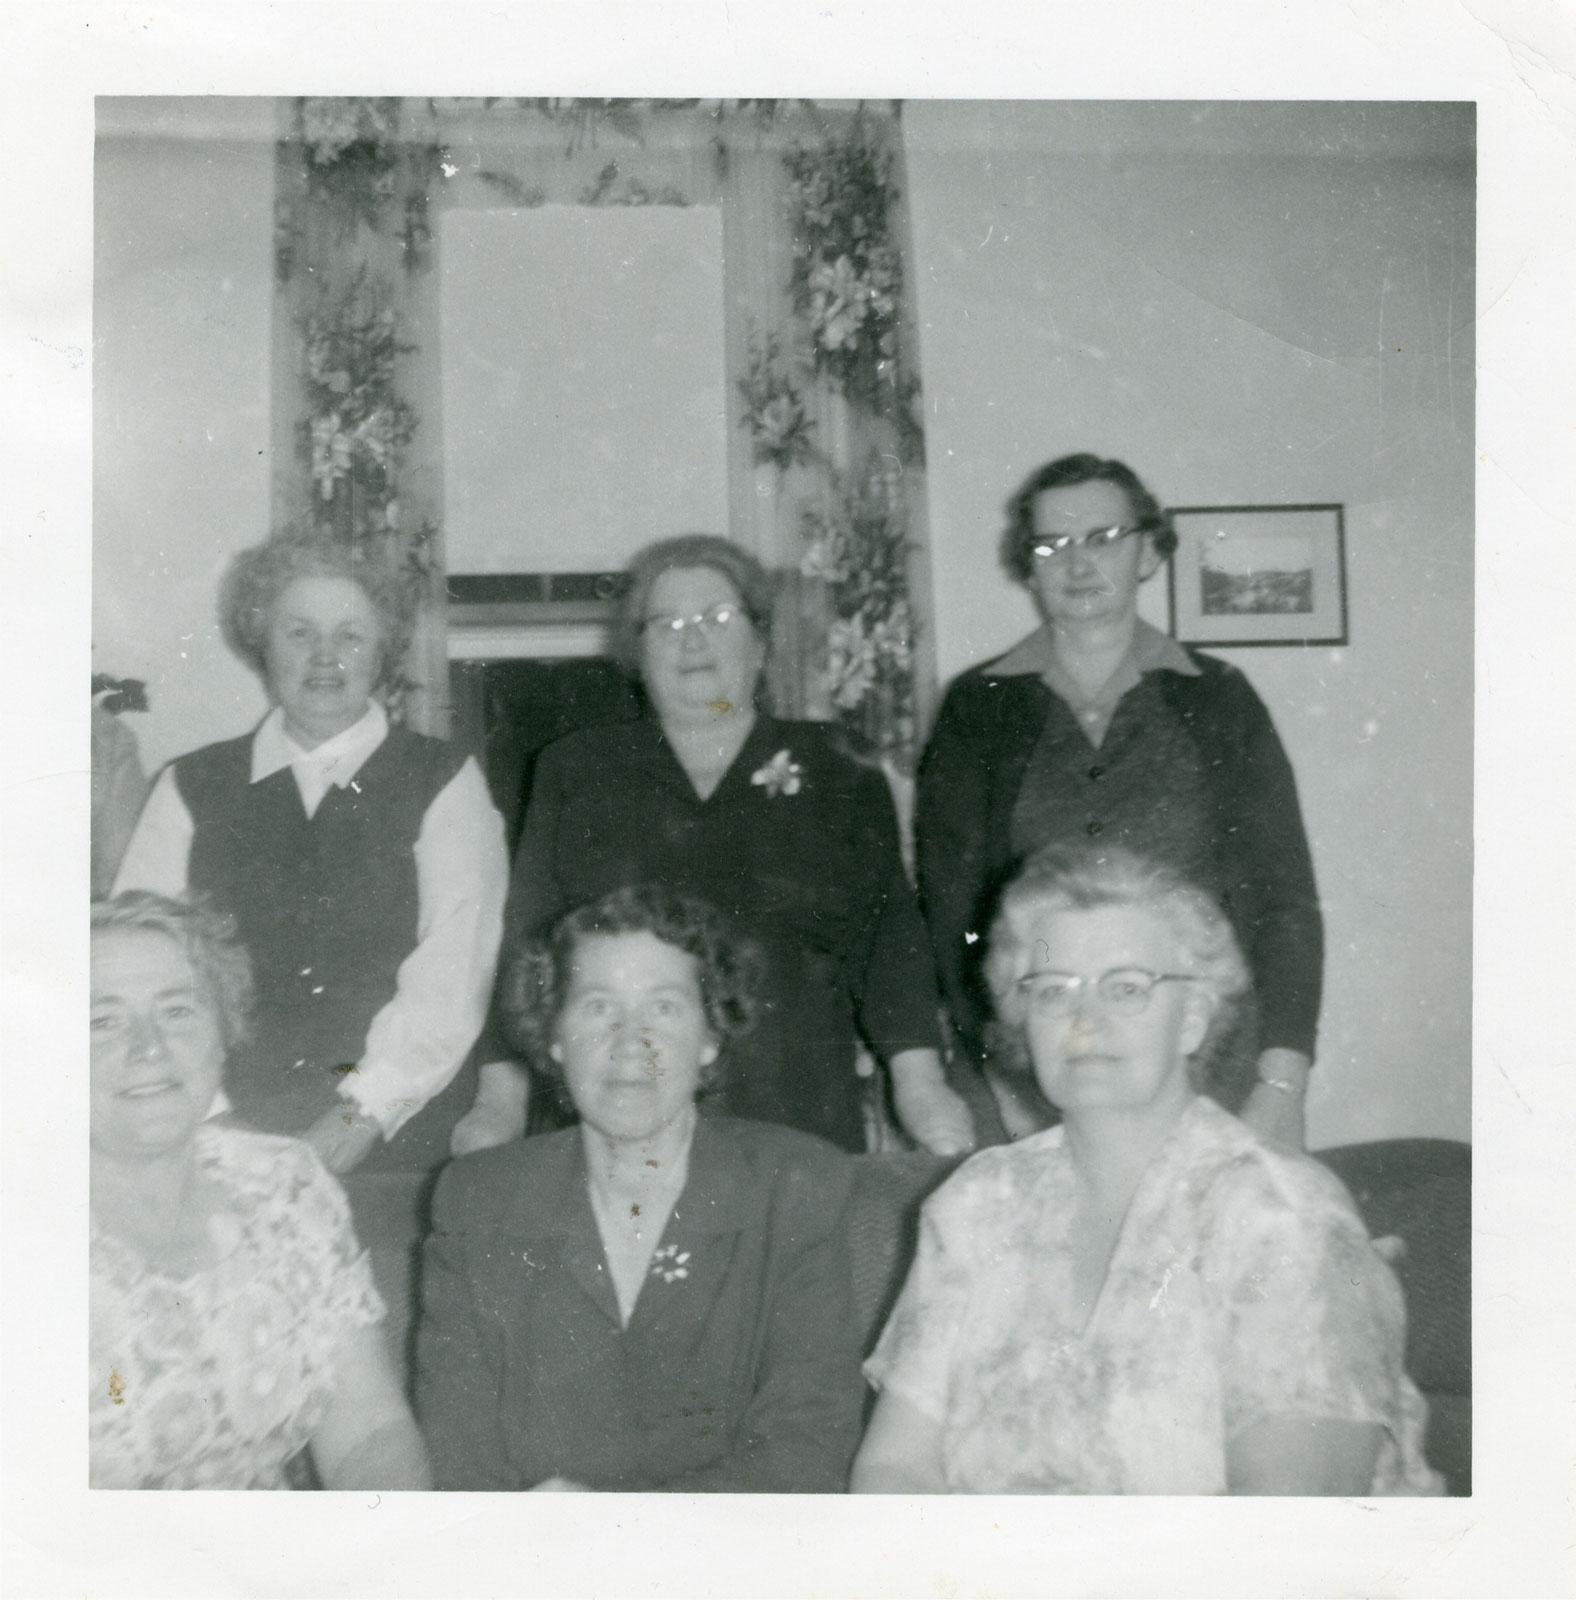 Iron Bridge Women's Institute Special Events, Circa 1955